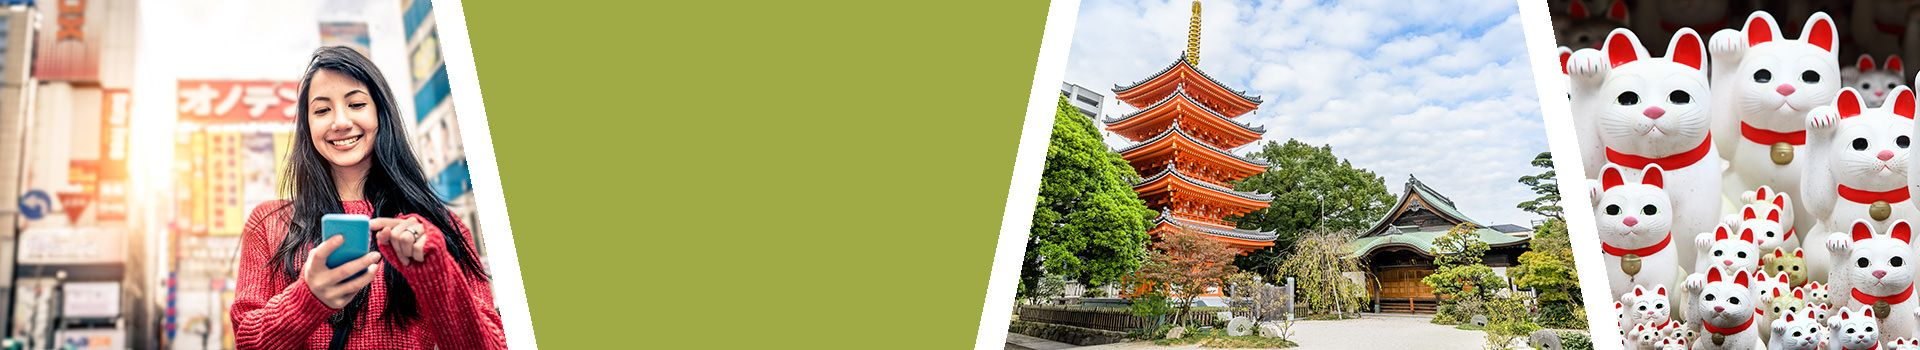 Japanisch Sprachreisen für Erwachsene nach Japan Slider